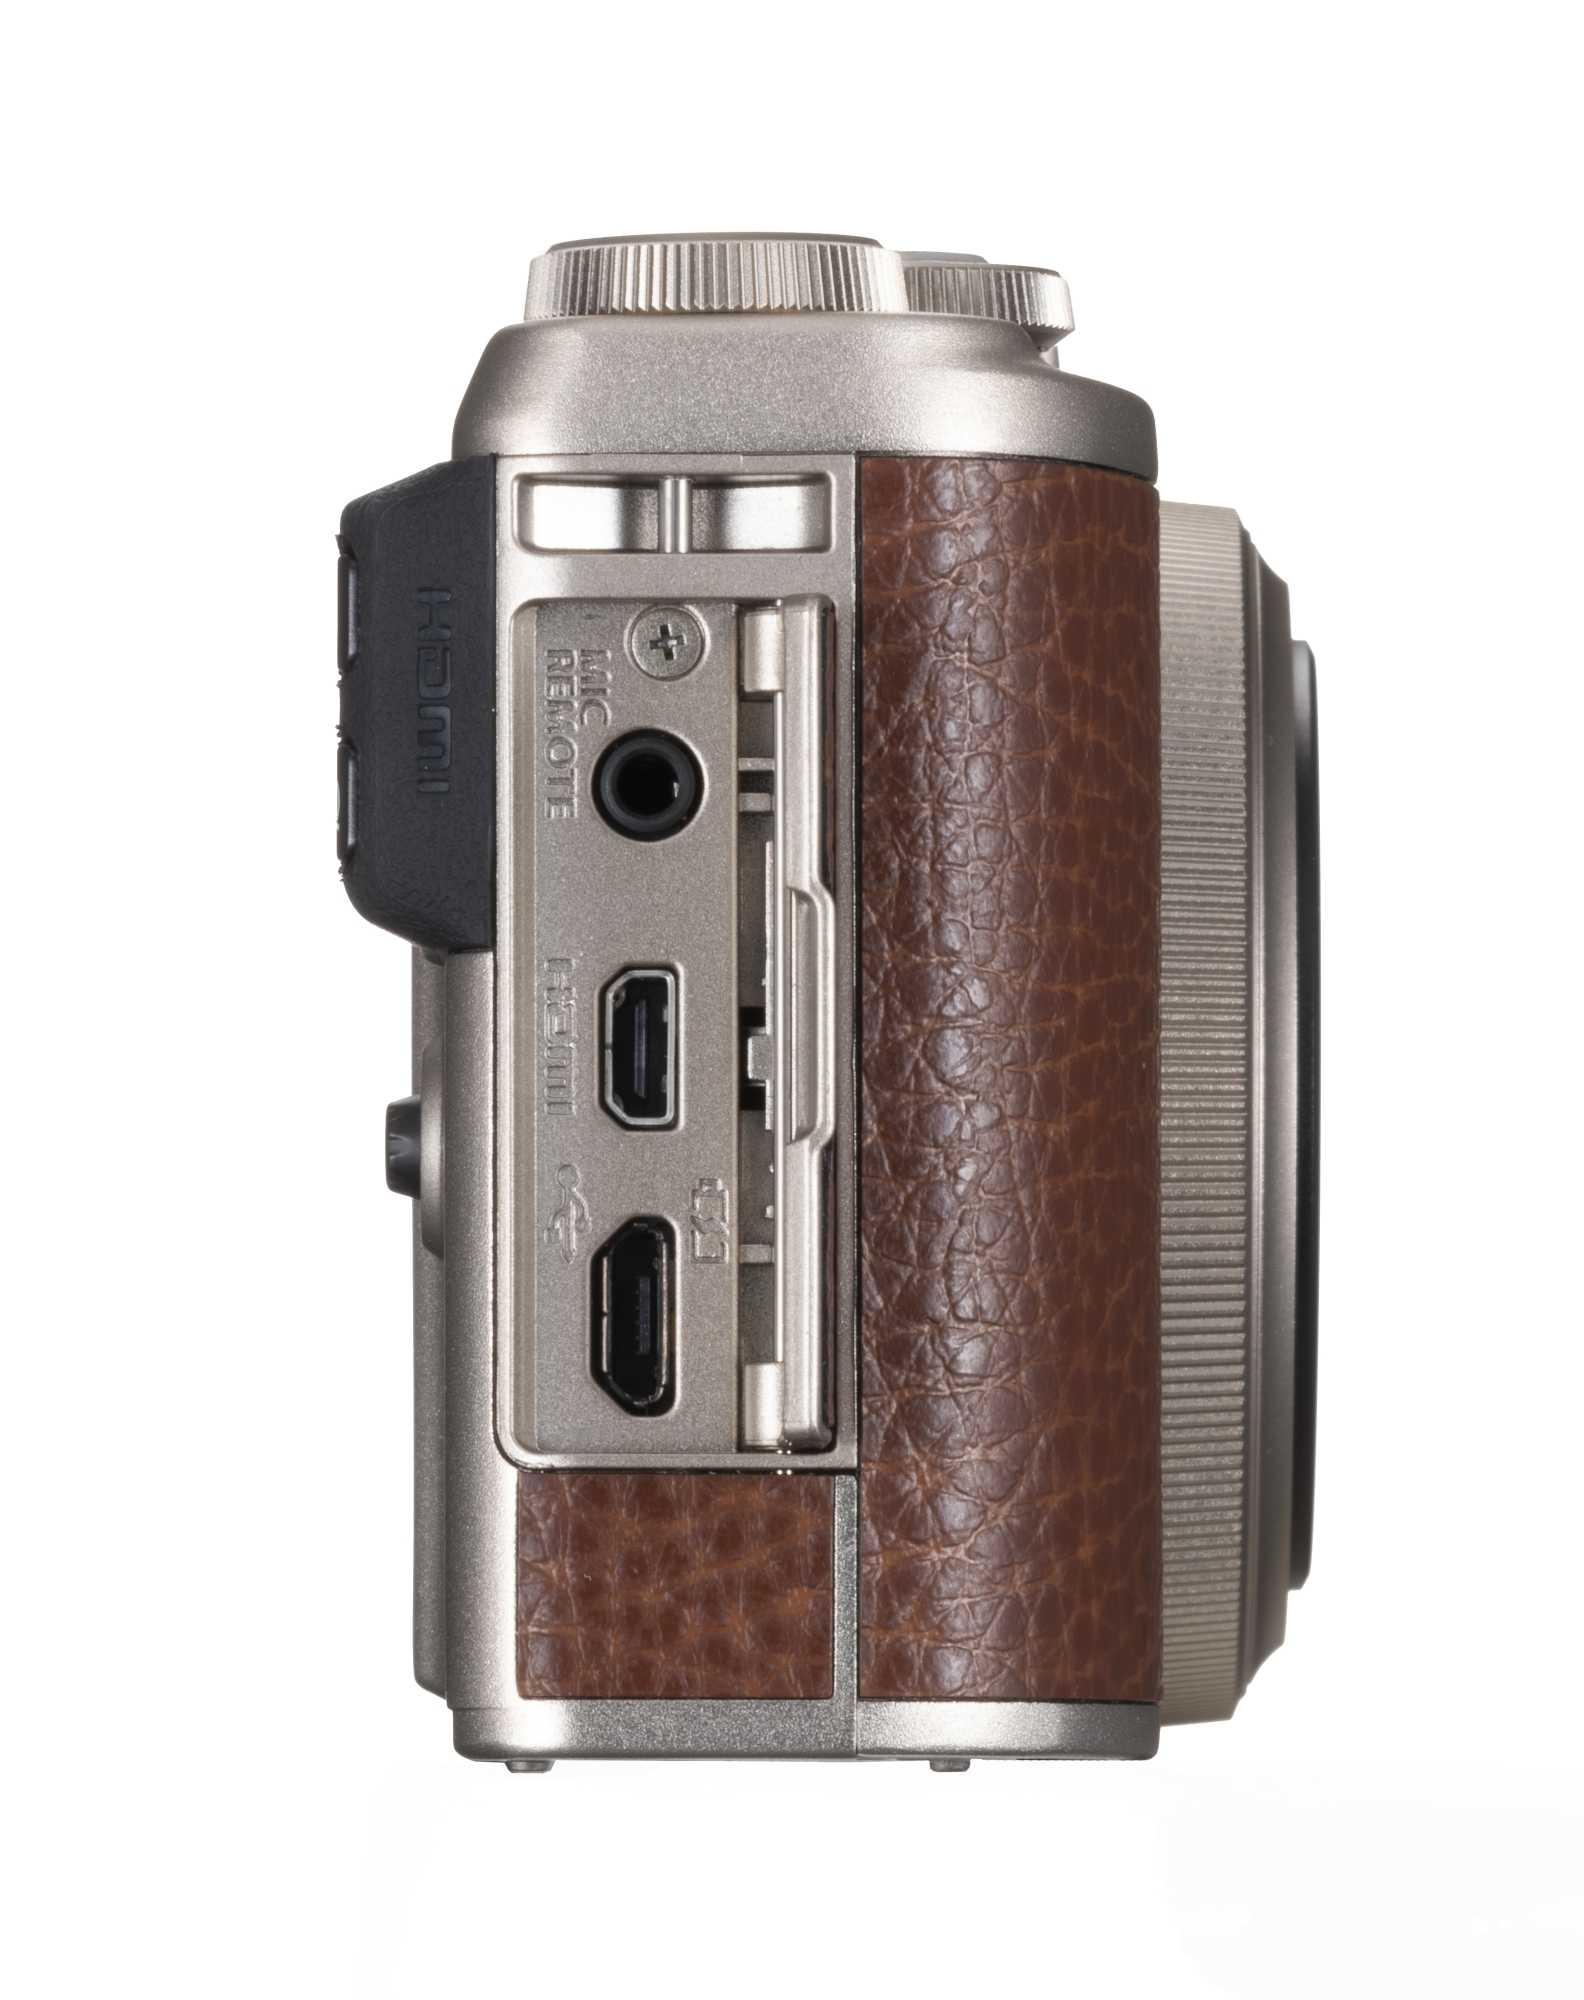 Die Fujifilm XF10 kommt mit Anschlüssen für Mikrofon und Fernauslöser, HDMi (Typ D) sowie Micro-USB.